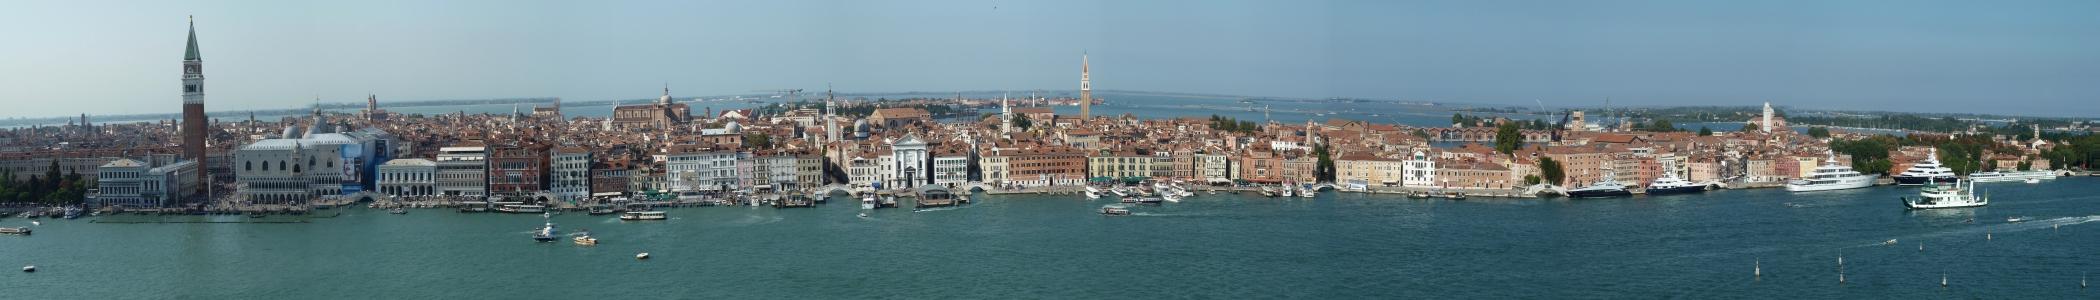 Venise — Wikivoyage, le guide de voyage et de tourisme ...